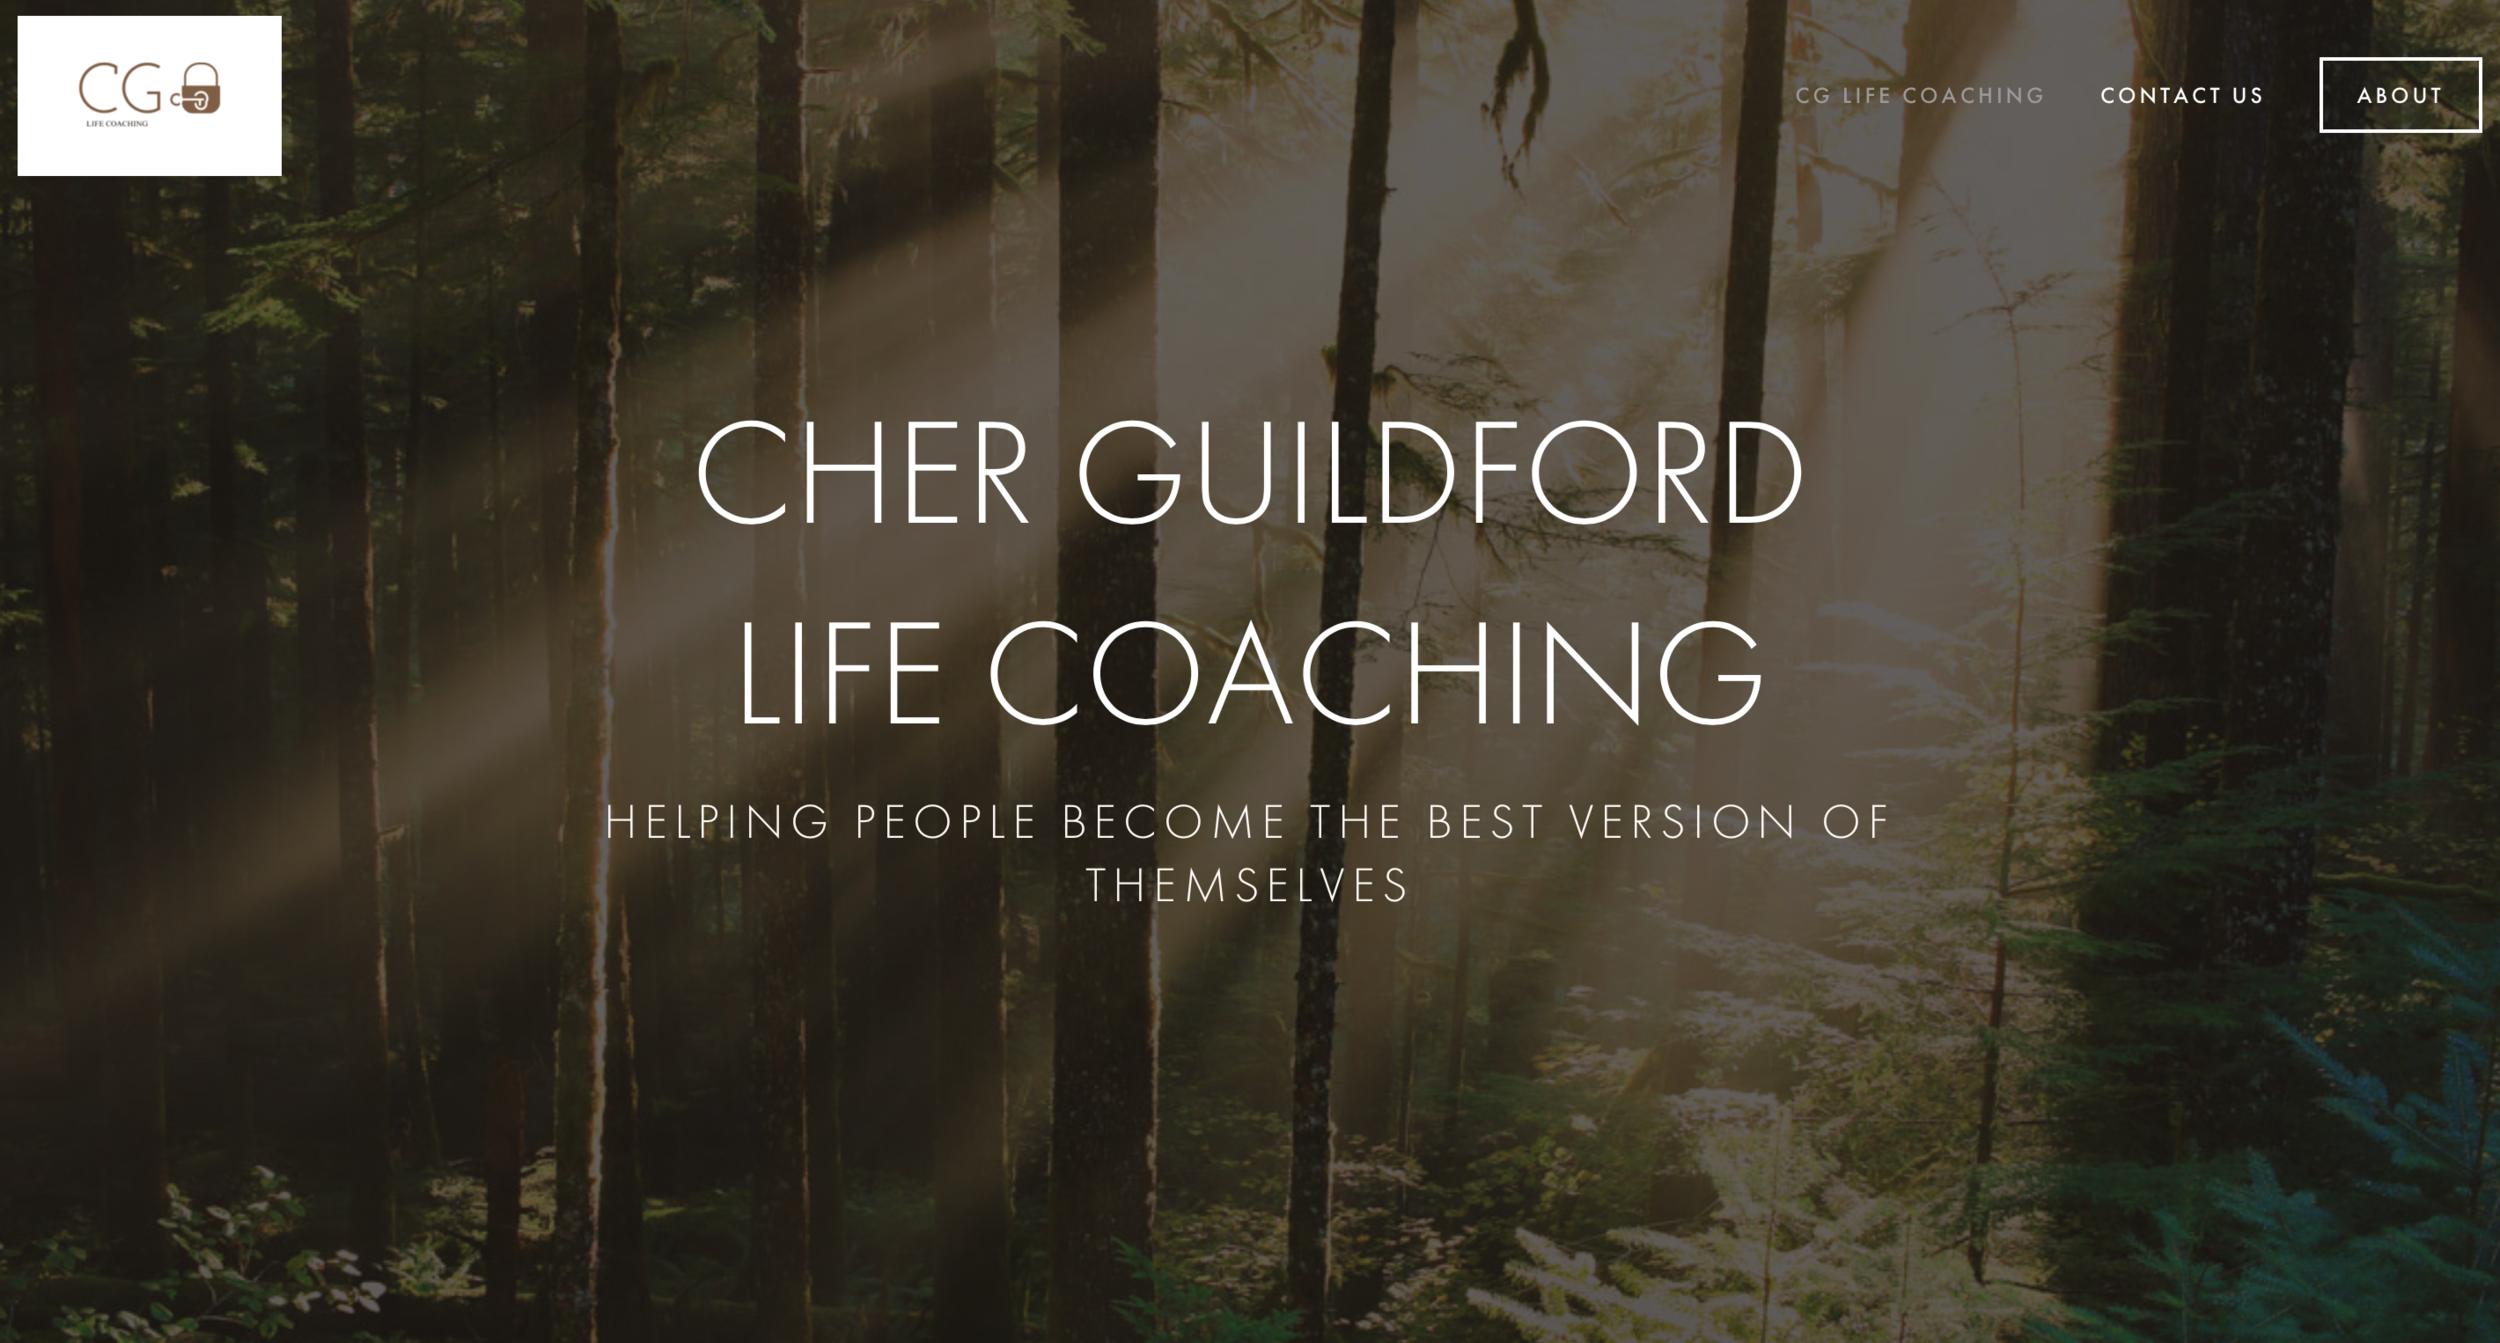 CG Life Coaching